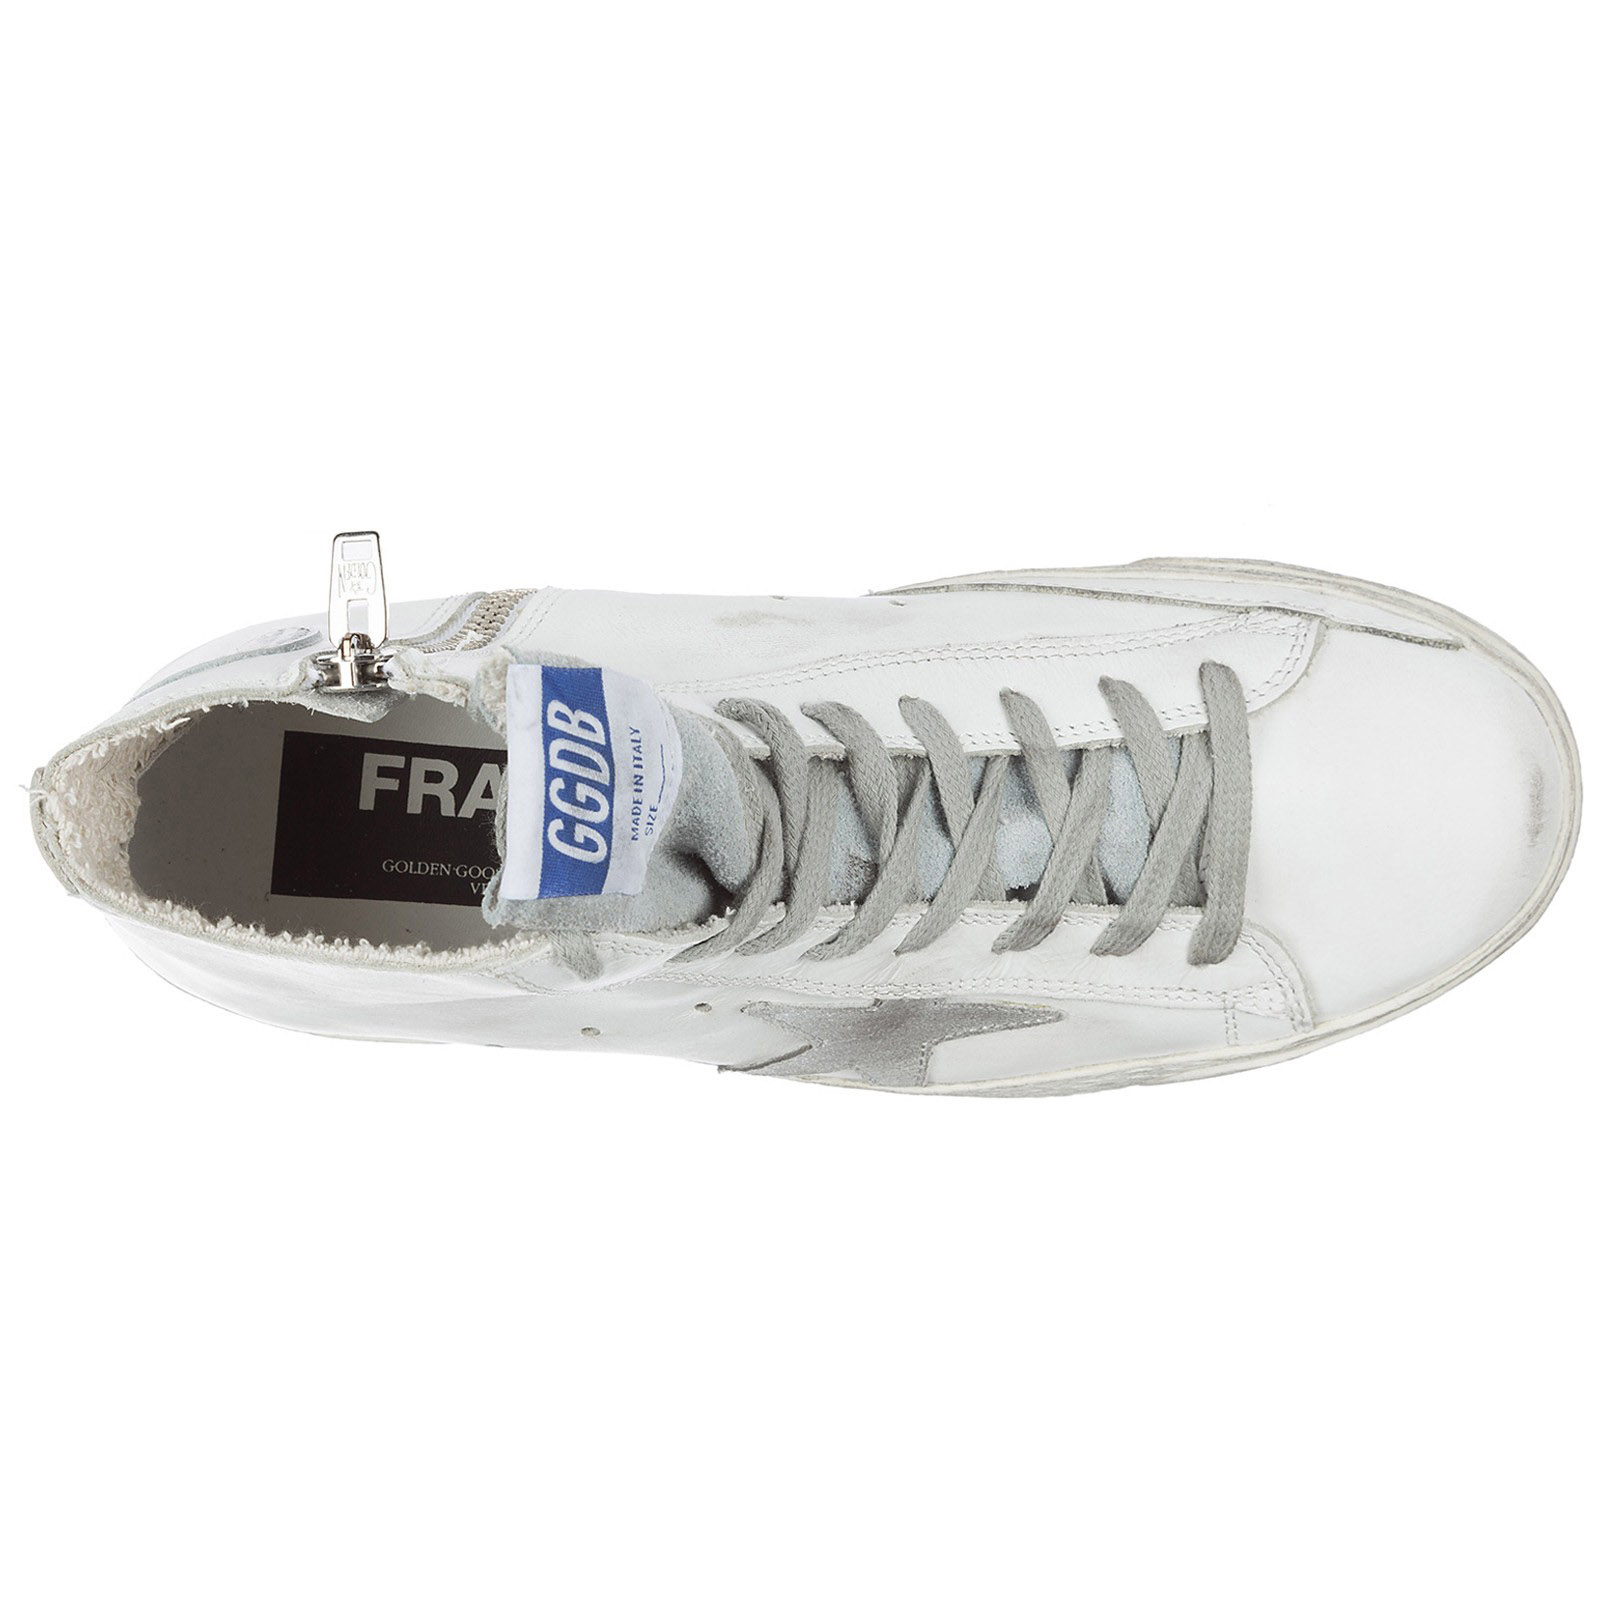 Sneakers alte Golden Goose Francy GCOWS591.G3 white silver  ea2ea033254